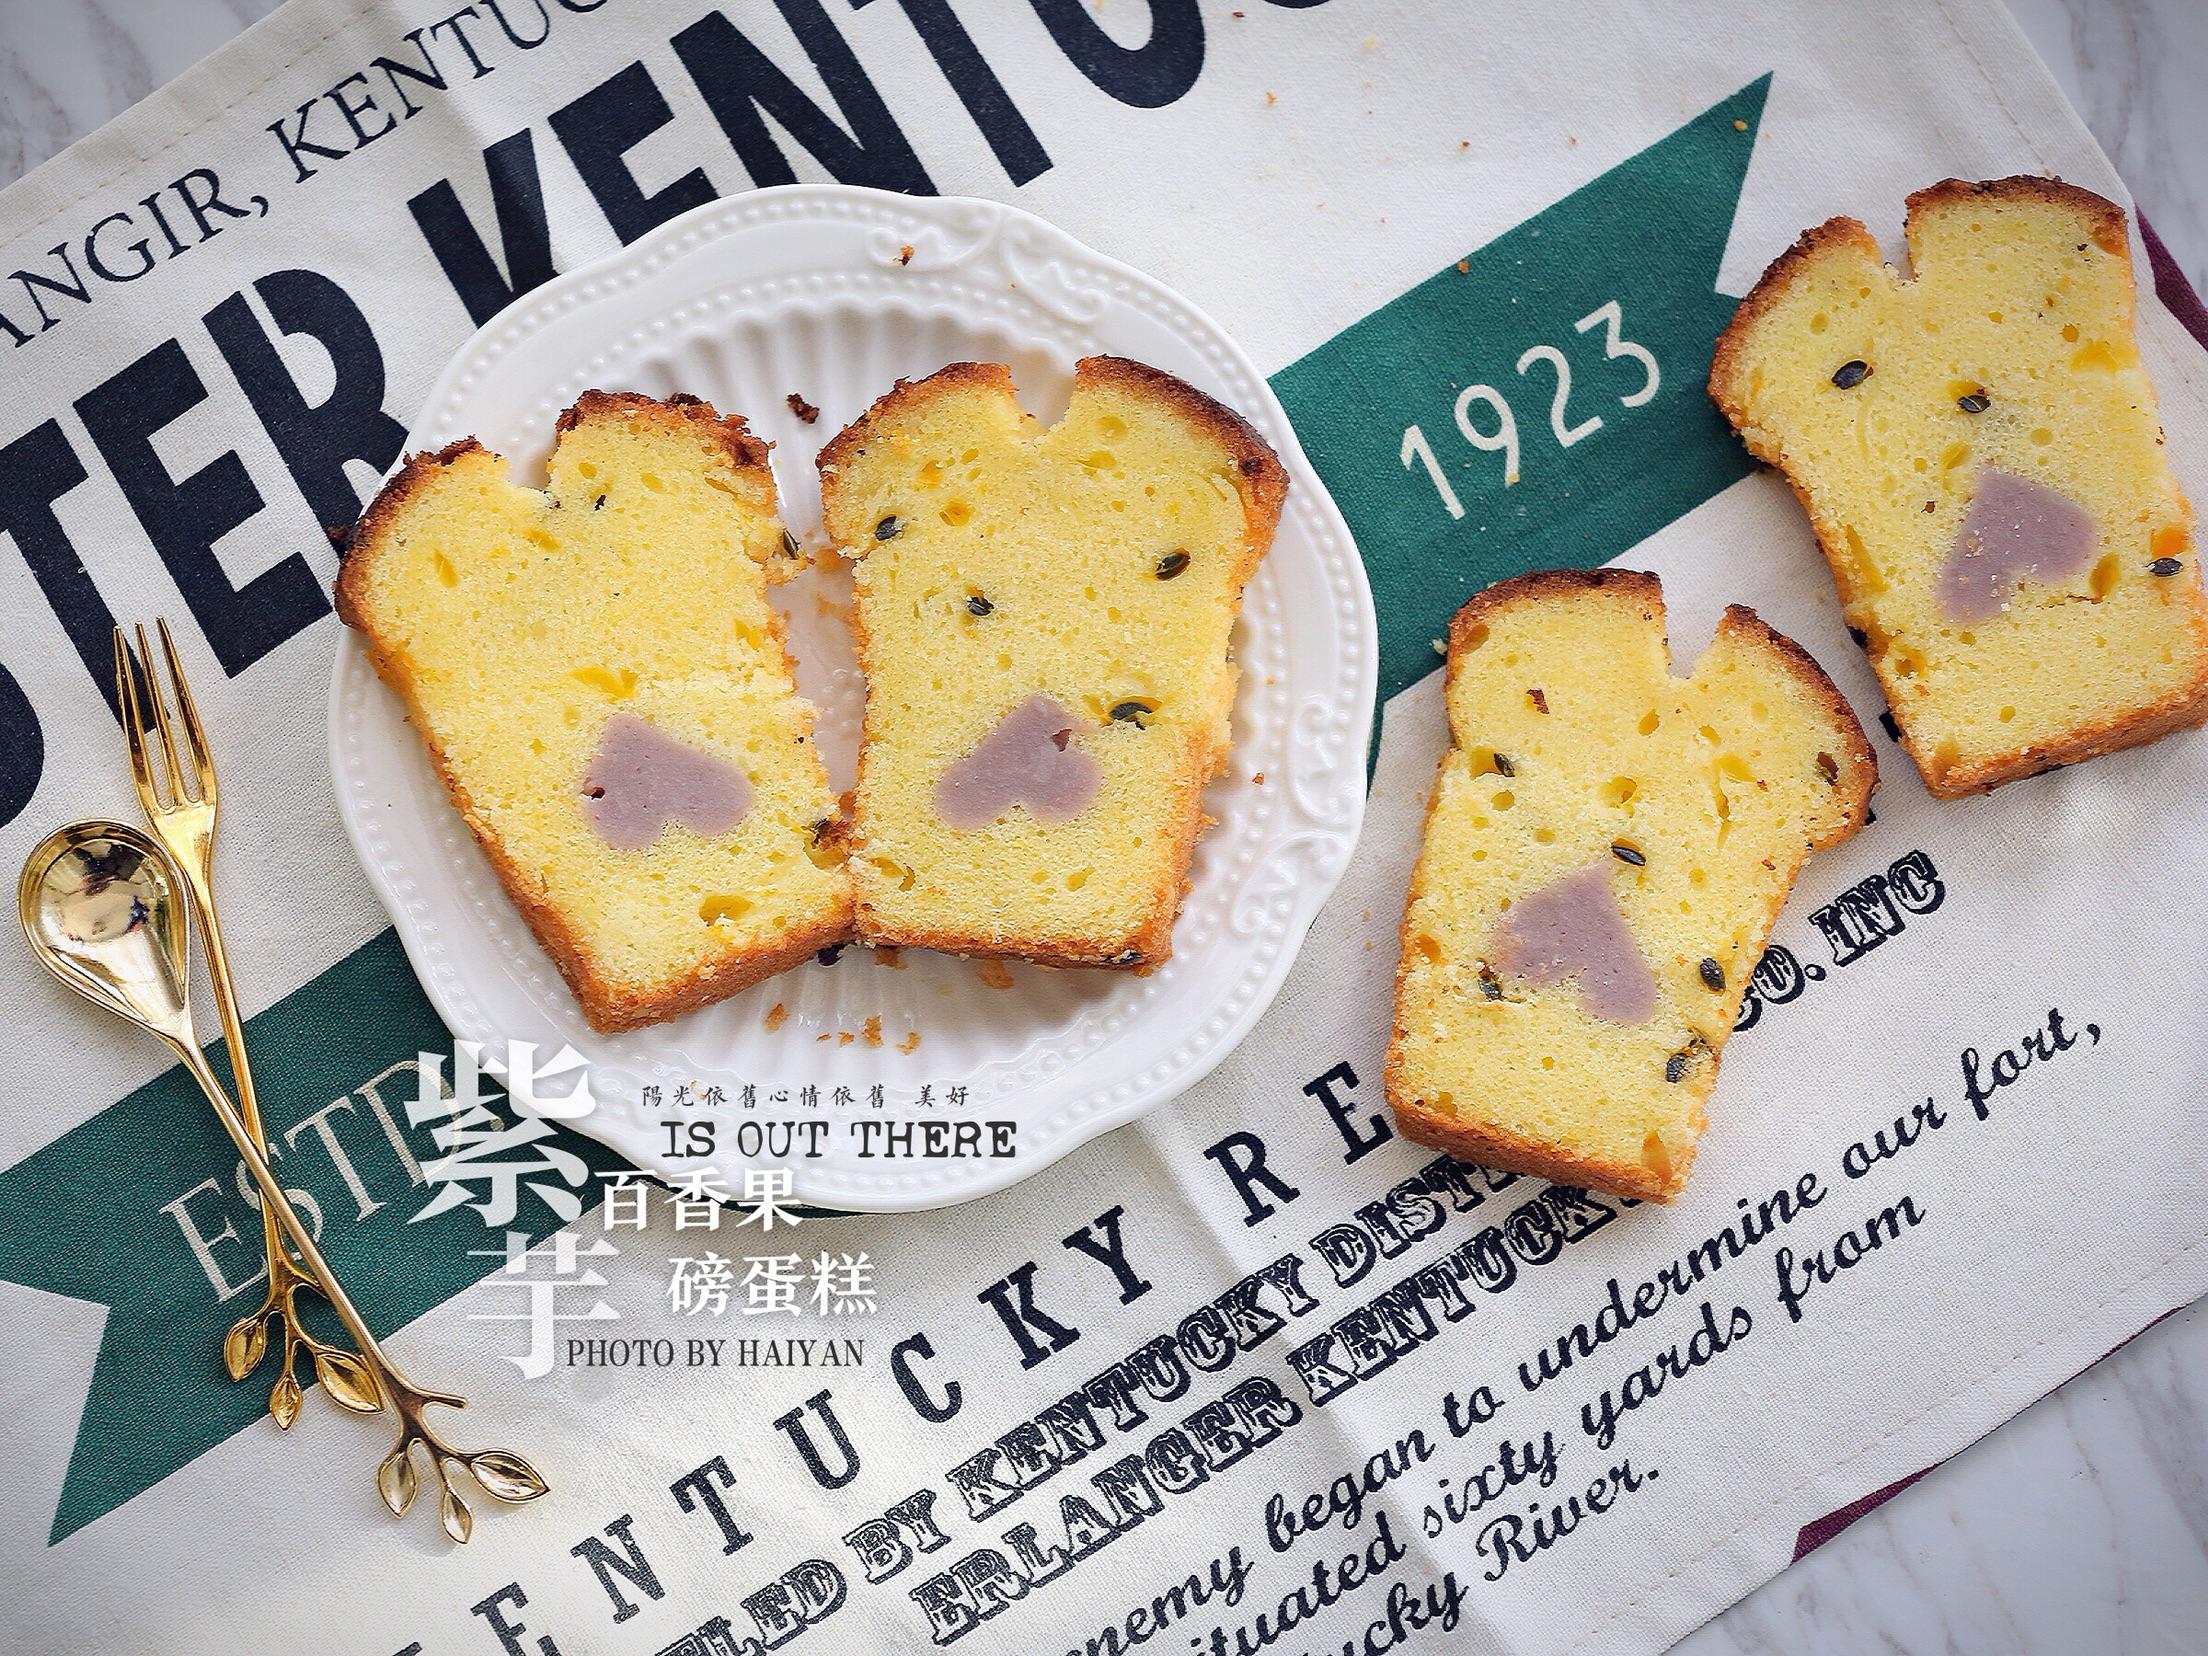 紫芋百香果磅蛋糕#我的烘焙不将就#的做法步骤        本菜谱的做法由